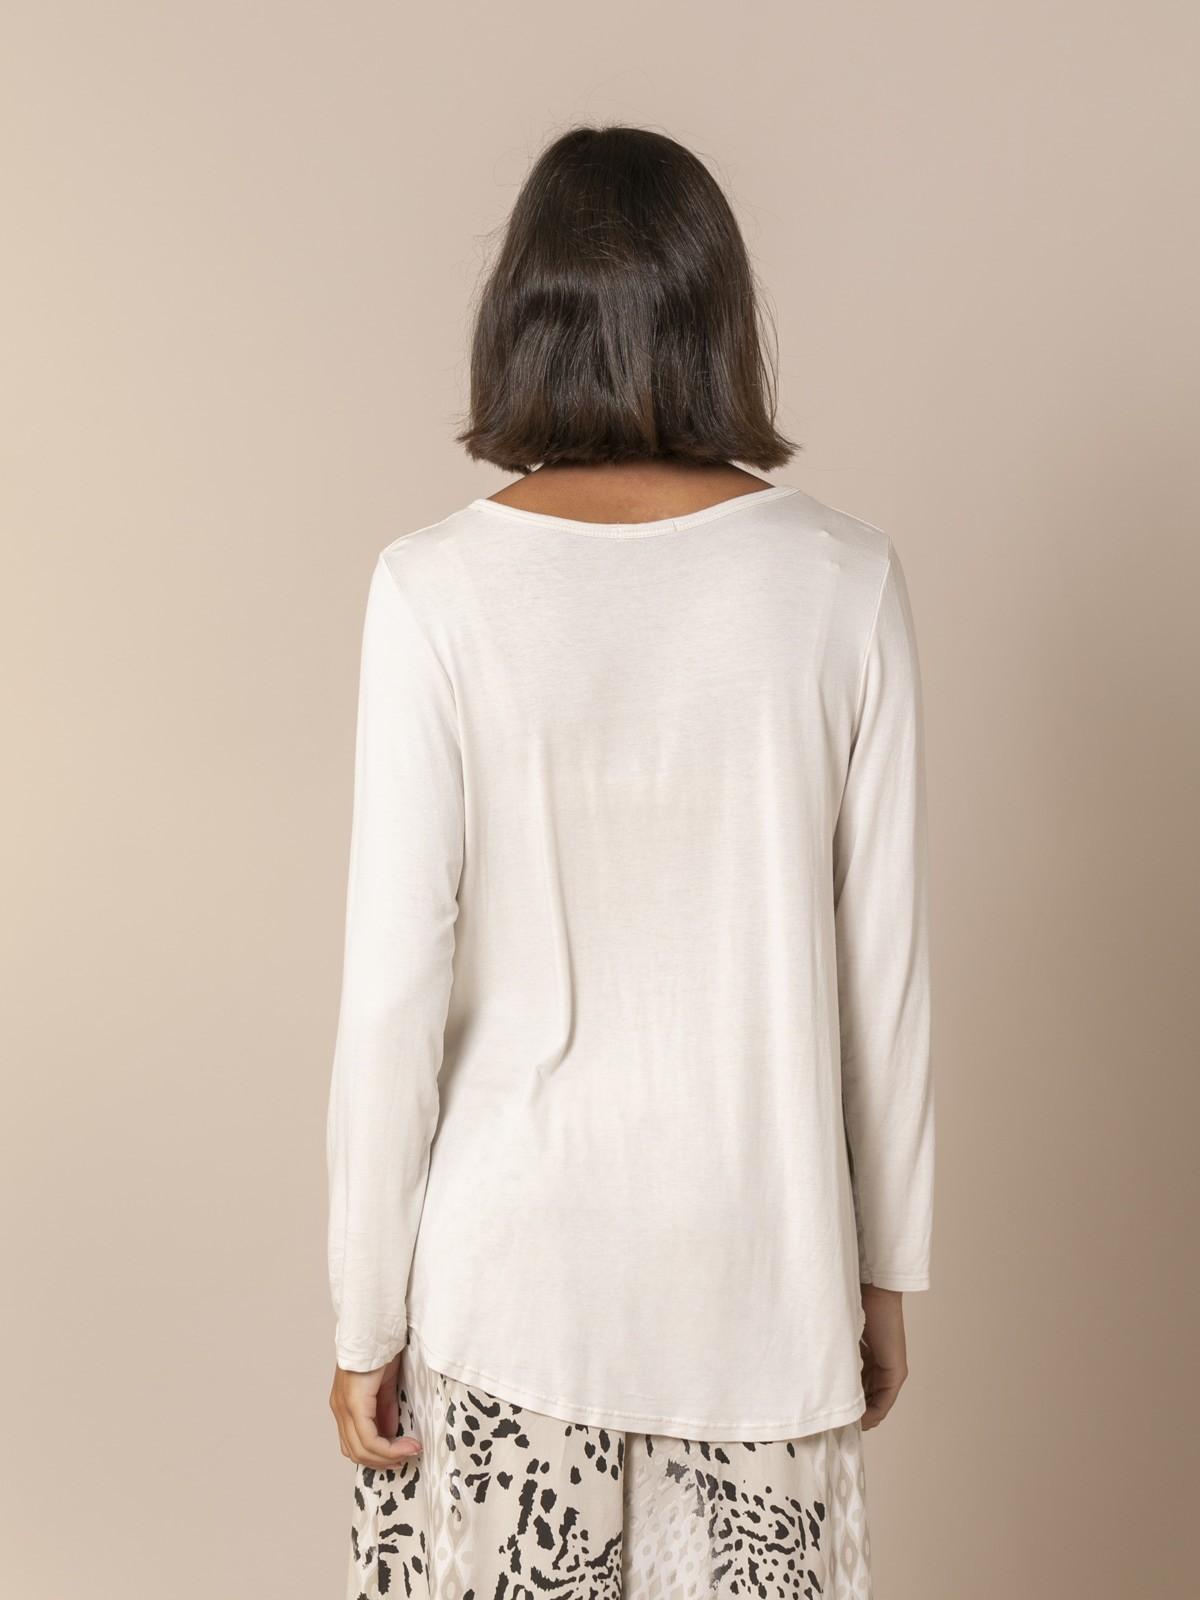 Camiseta mujer fluida manga larga Beige